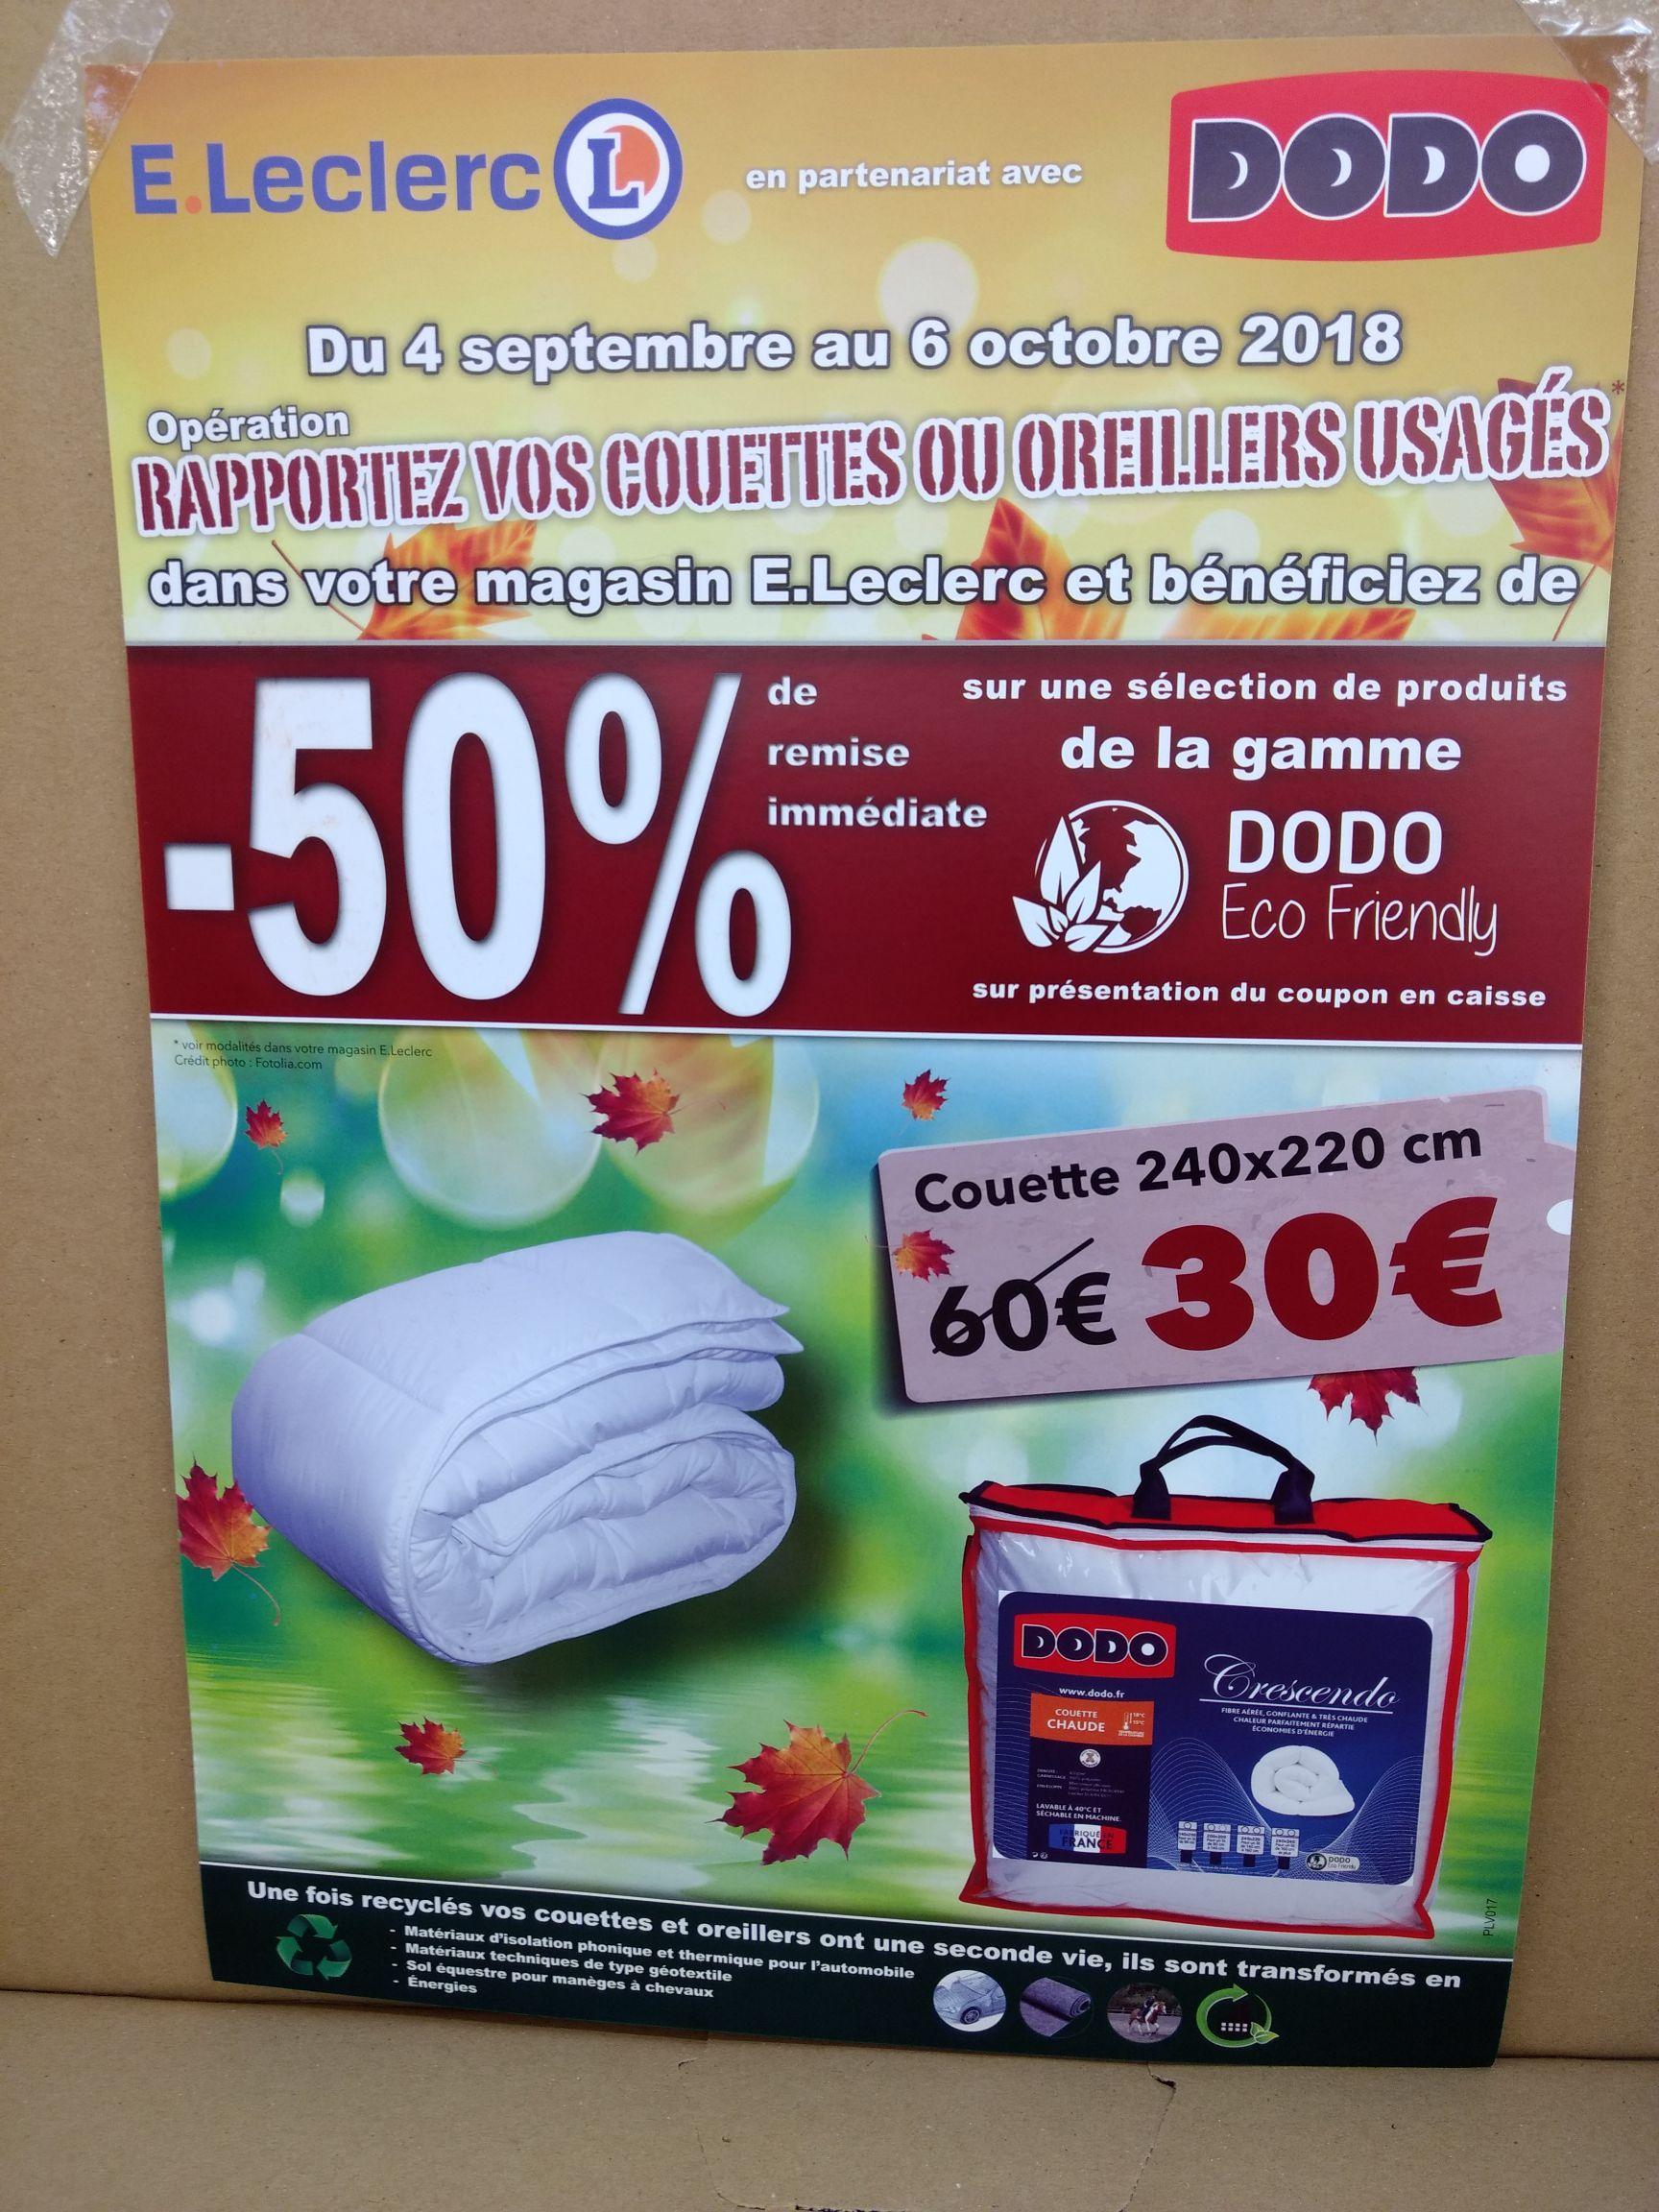 50% de réduction sur la gamme de Couettes et oreillers Dodo Eco Friendly (Sous condition) - Le Mans (72)